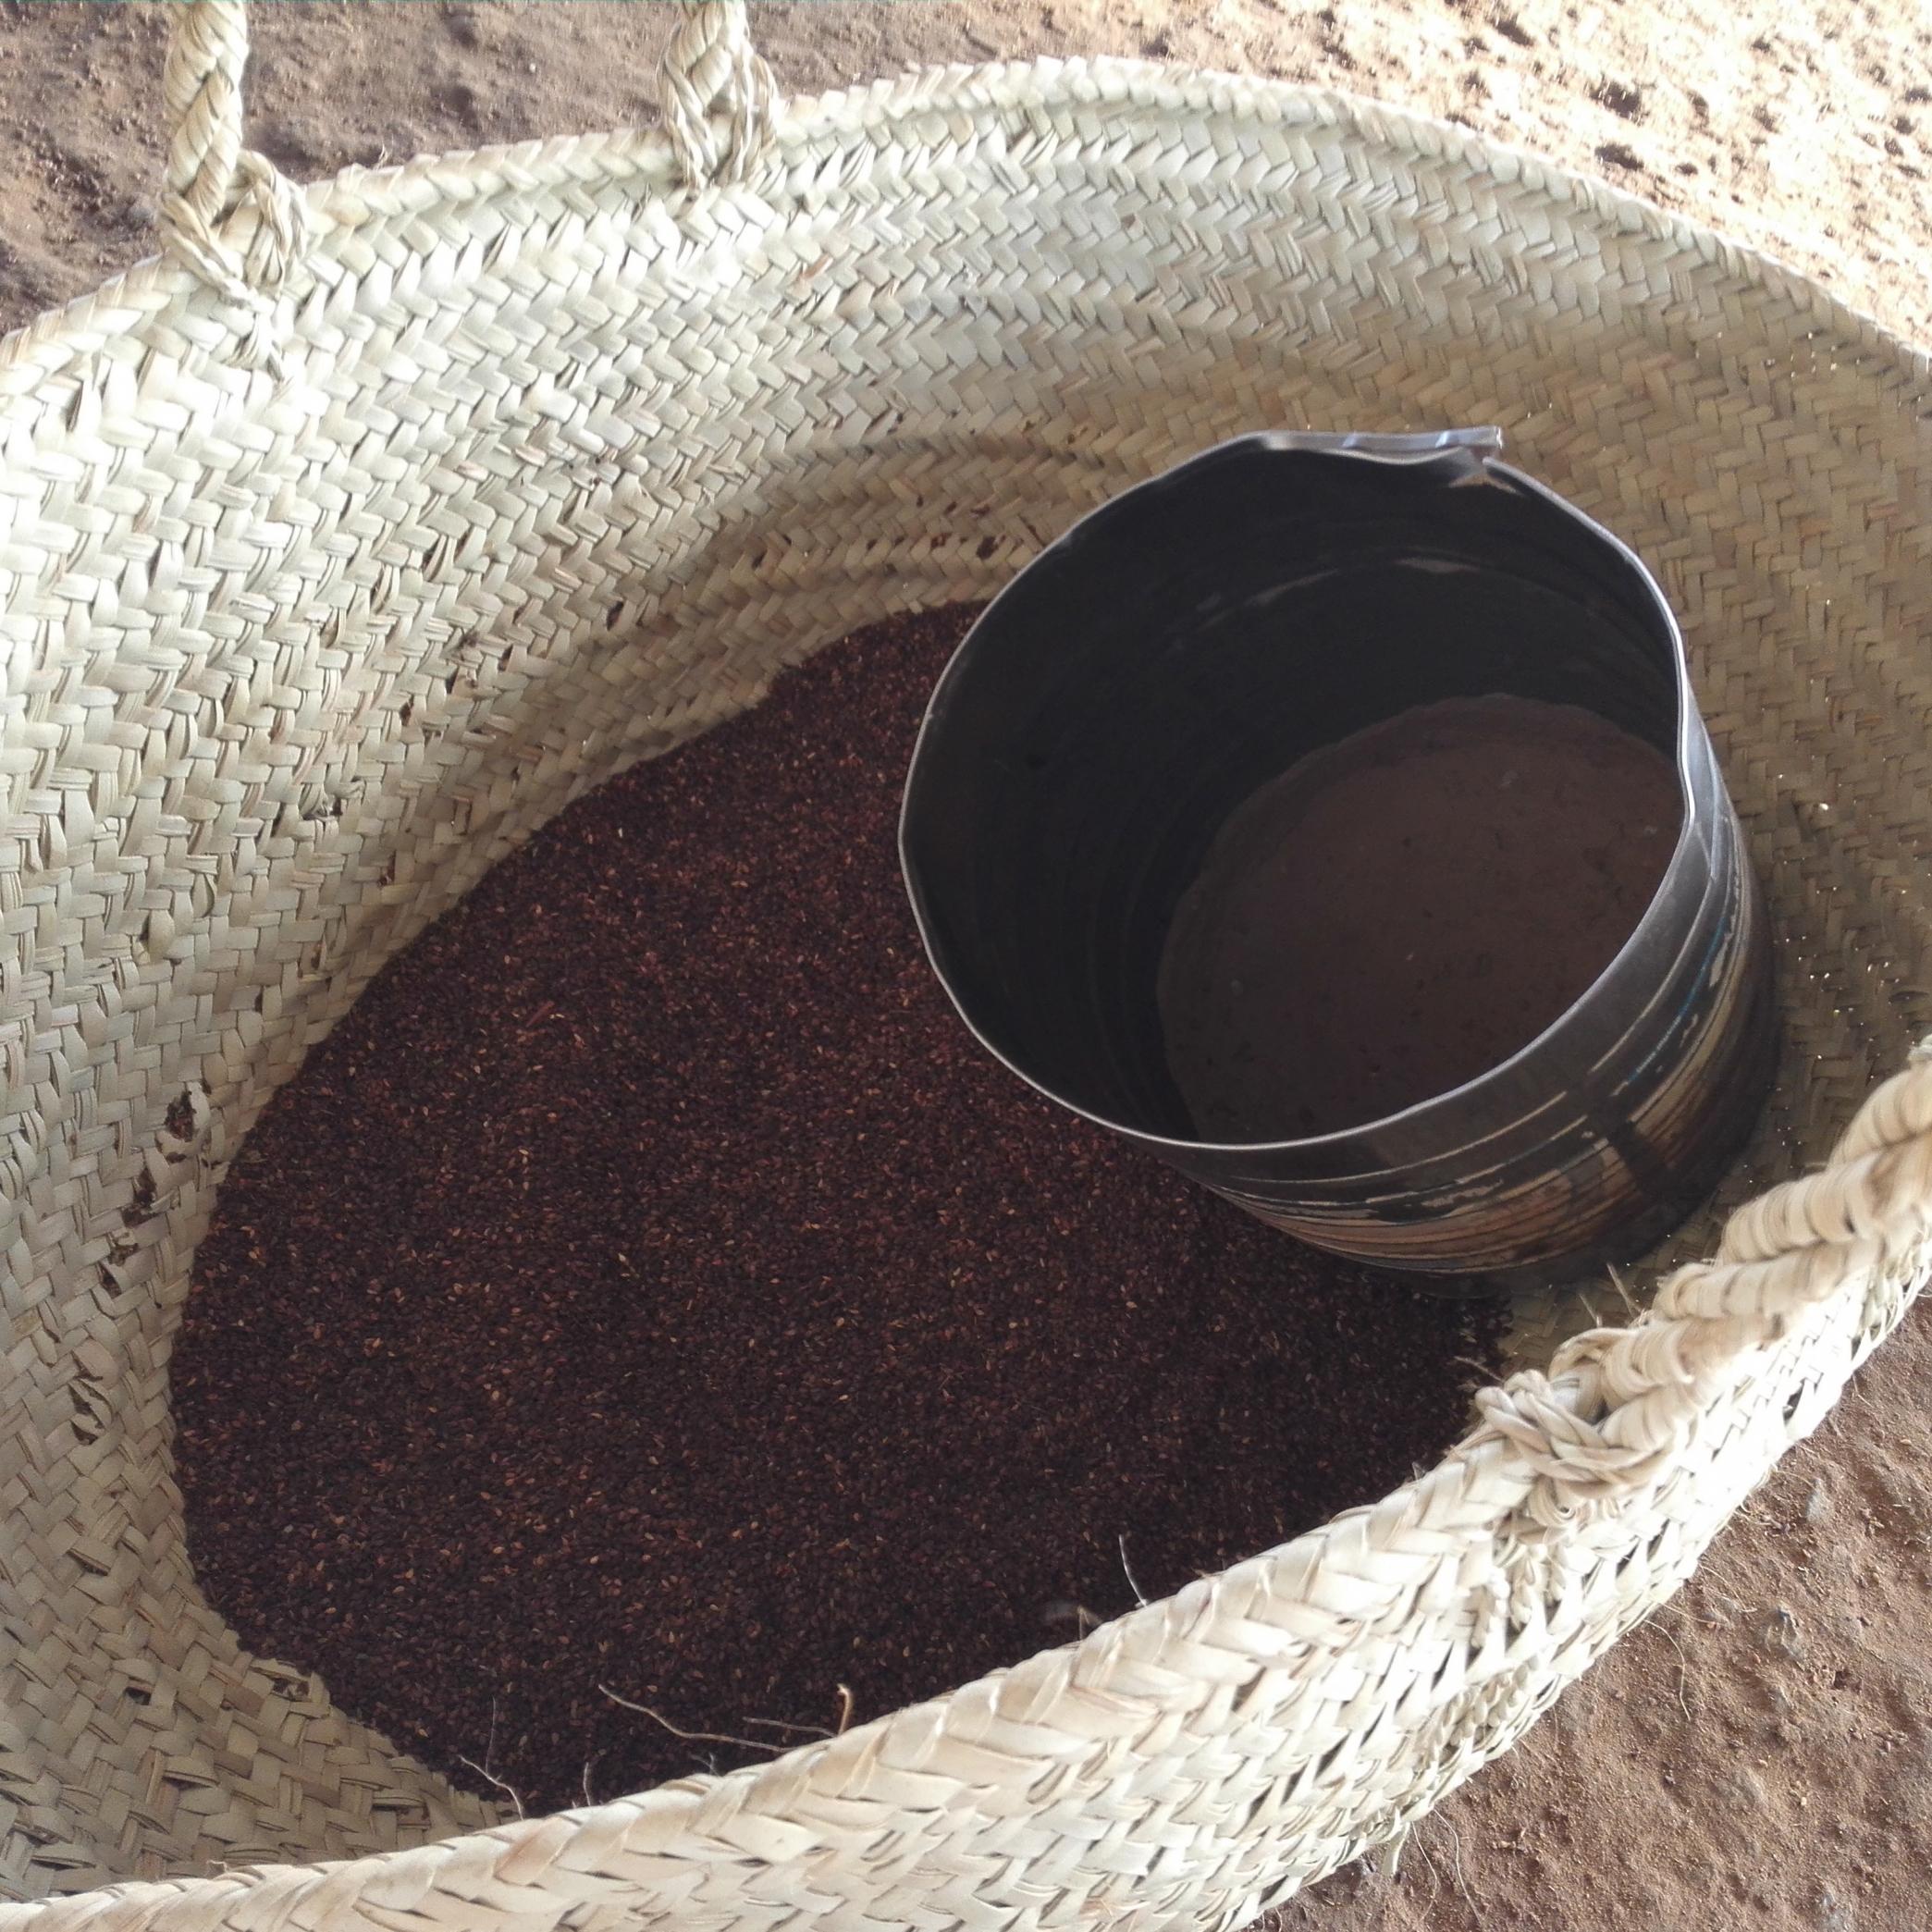 طريقة زراعة السمسم في جازان.. أنواعه ومراحل استخراج زيت السليط - المواطن